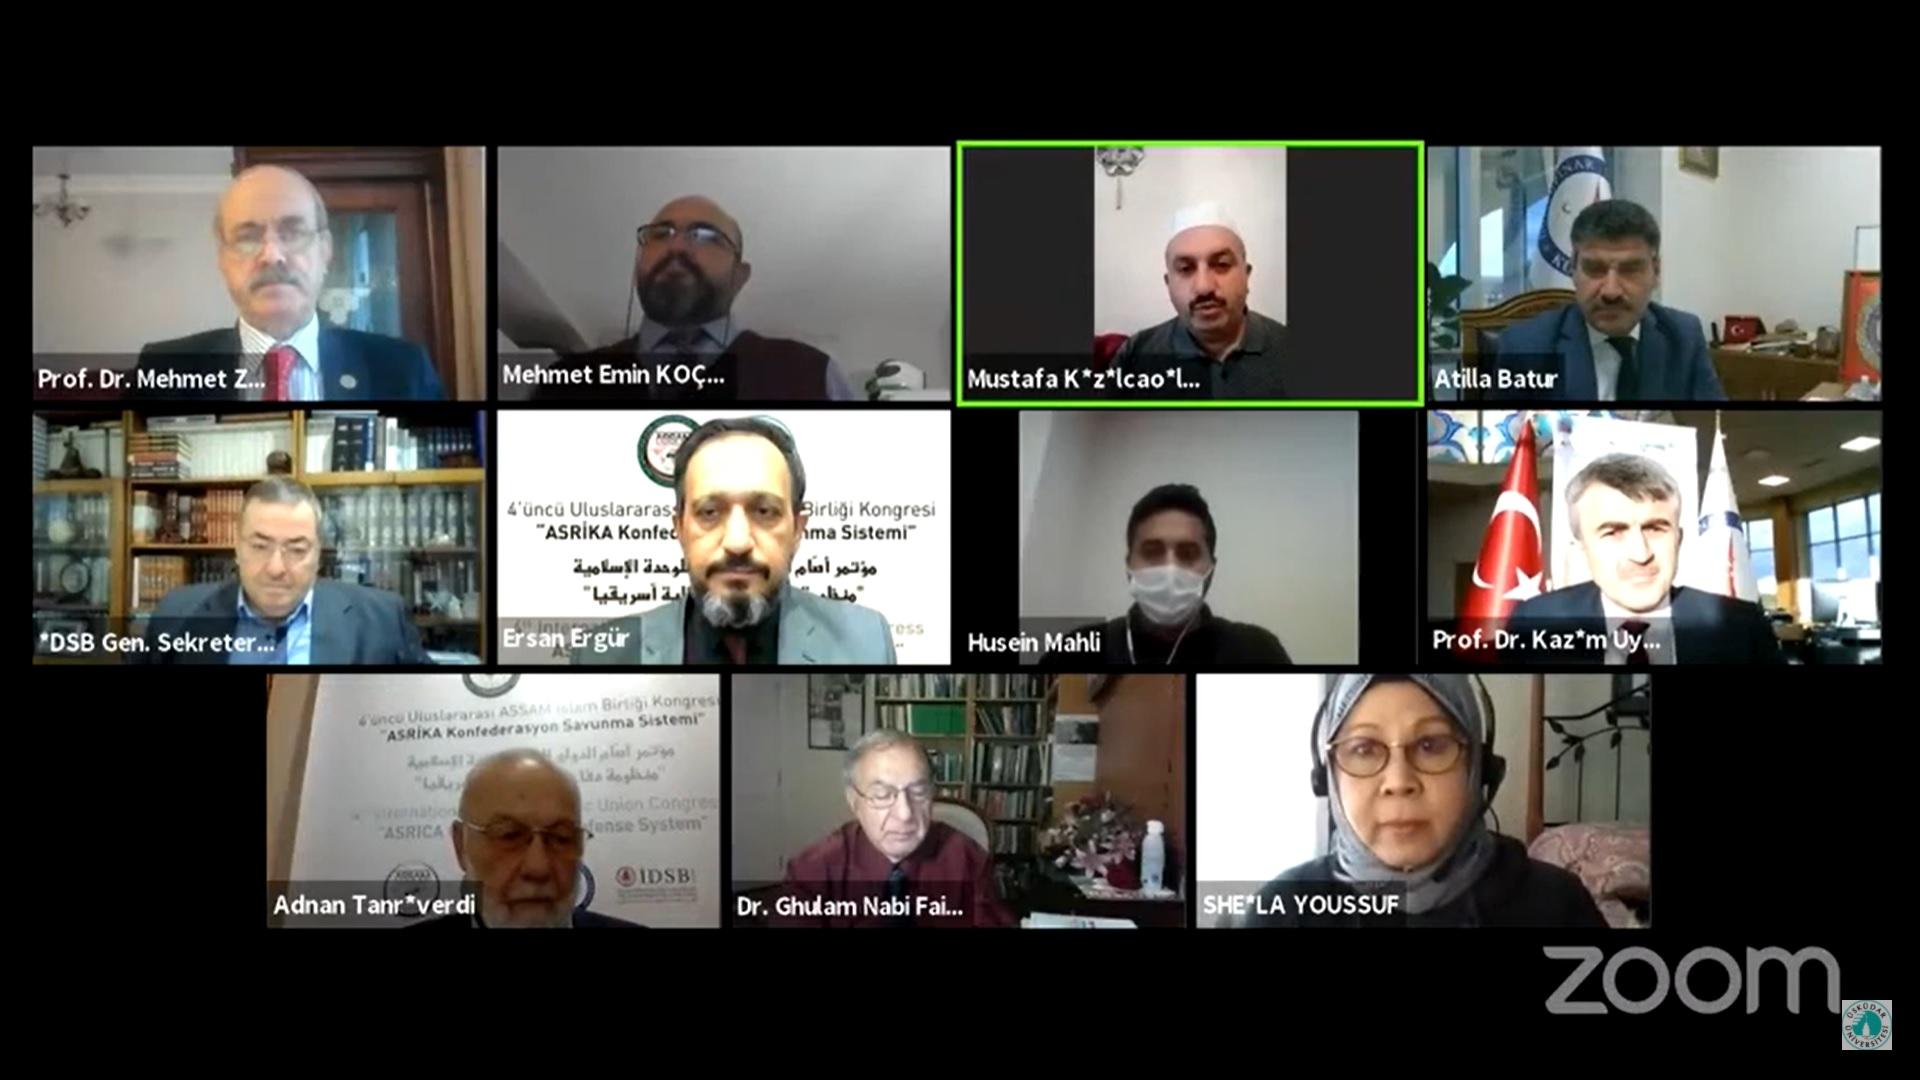 4. Uluslararası ASSAM İslam Birliği Kongresi